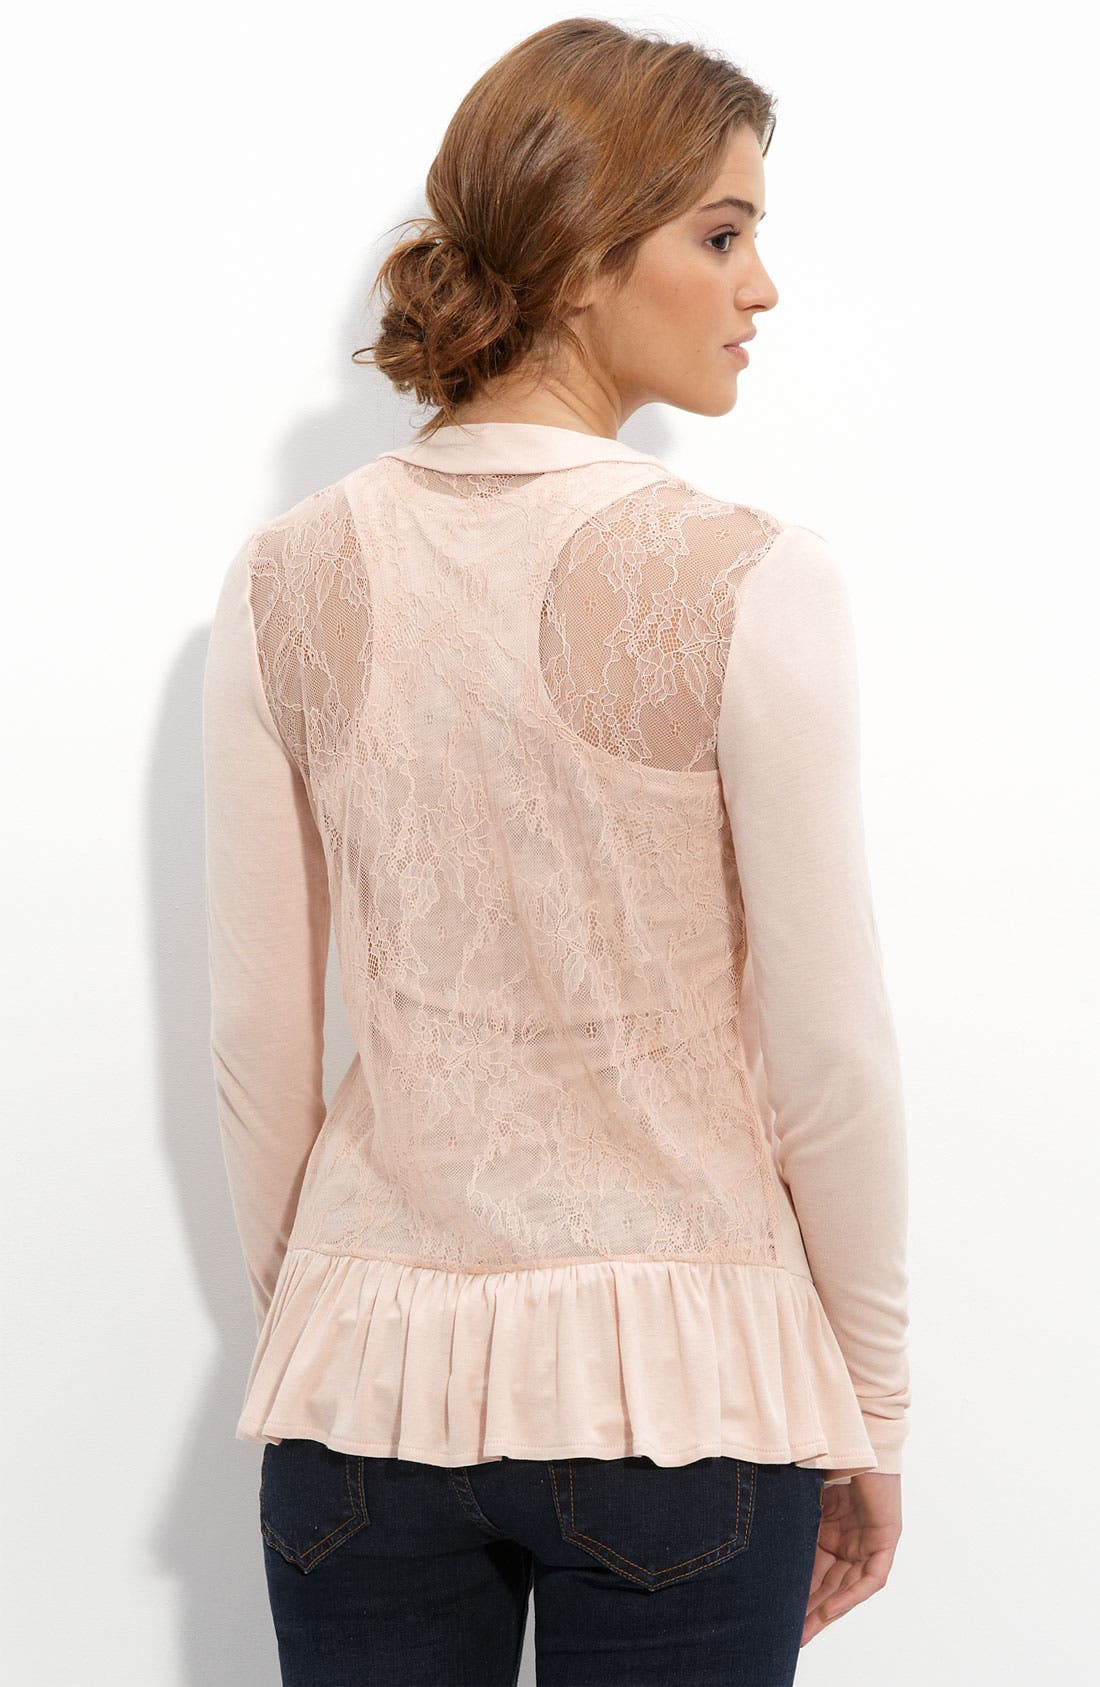 Alternate Image 1 Selected - Frenchi® Lace Back Cardigan (Juniors)